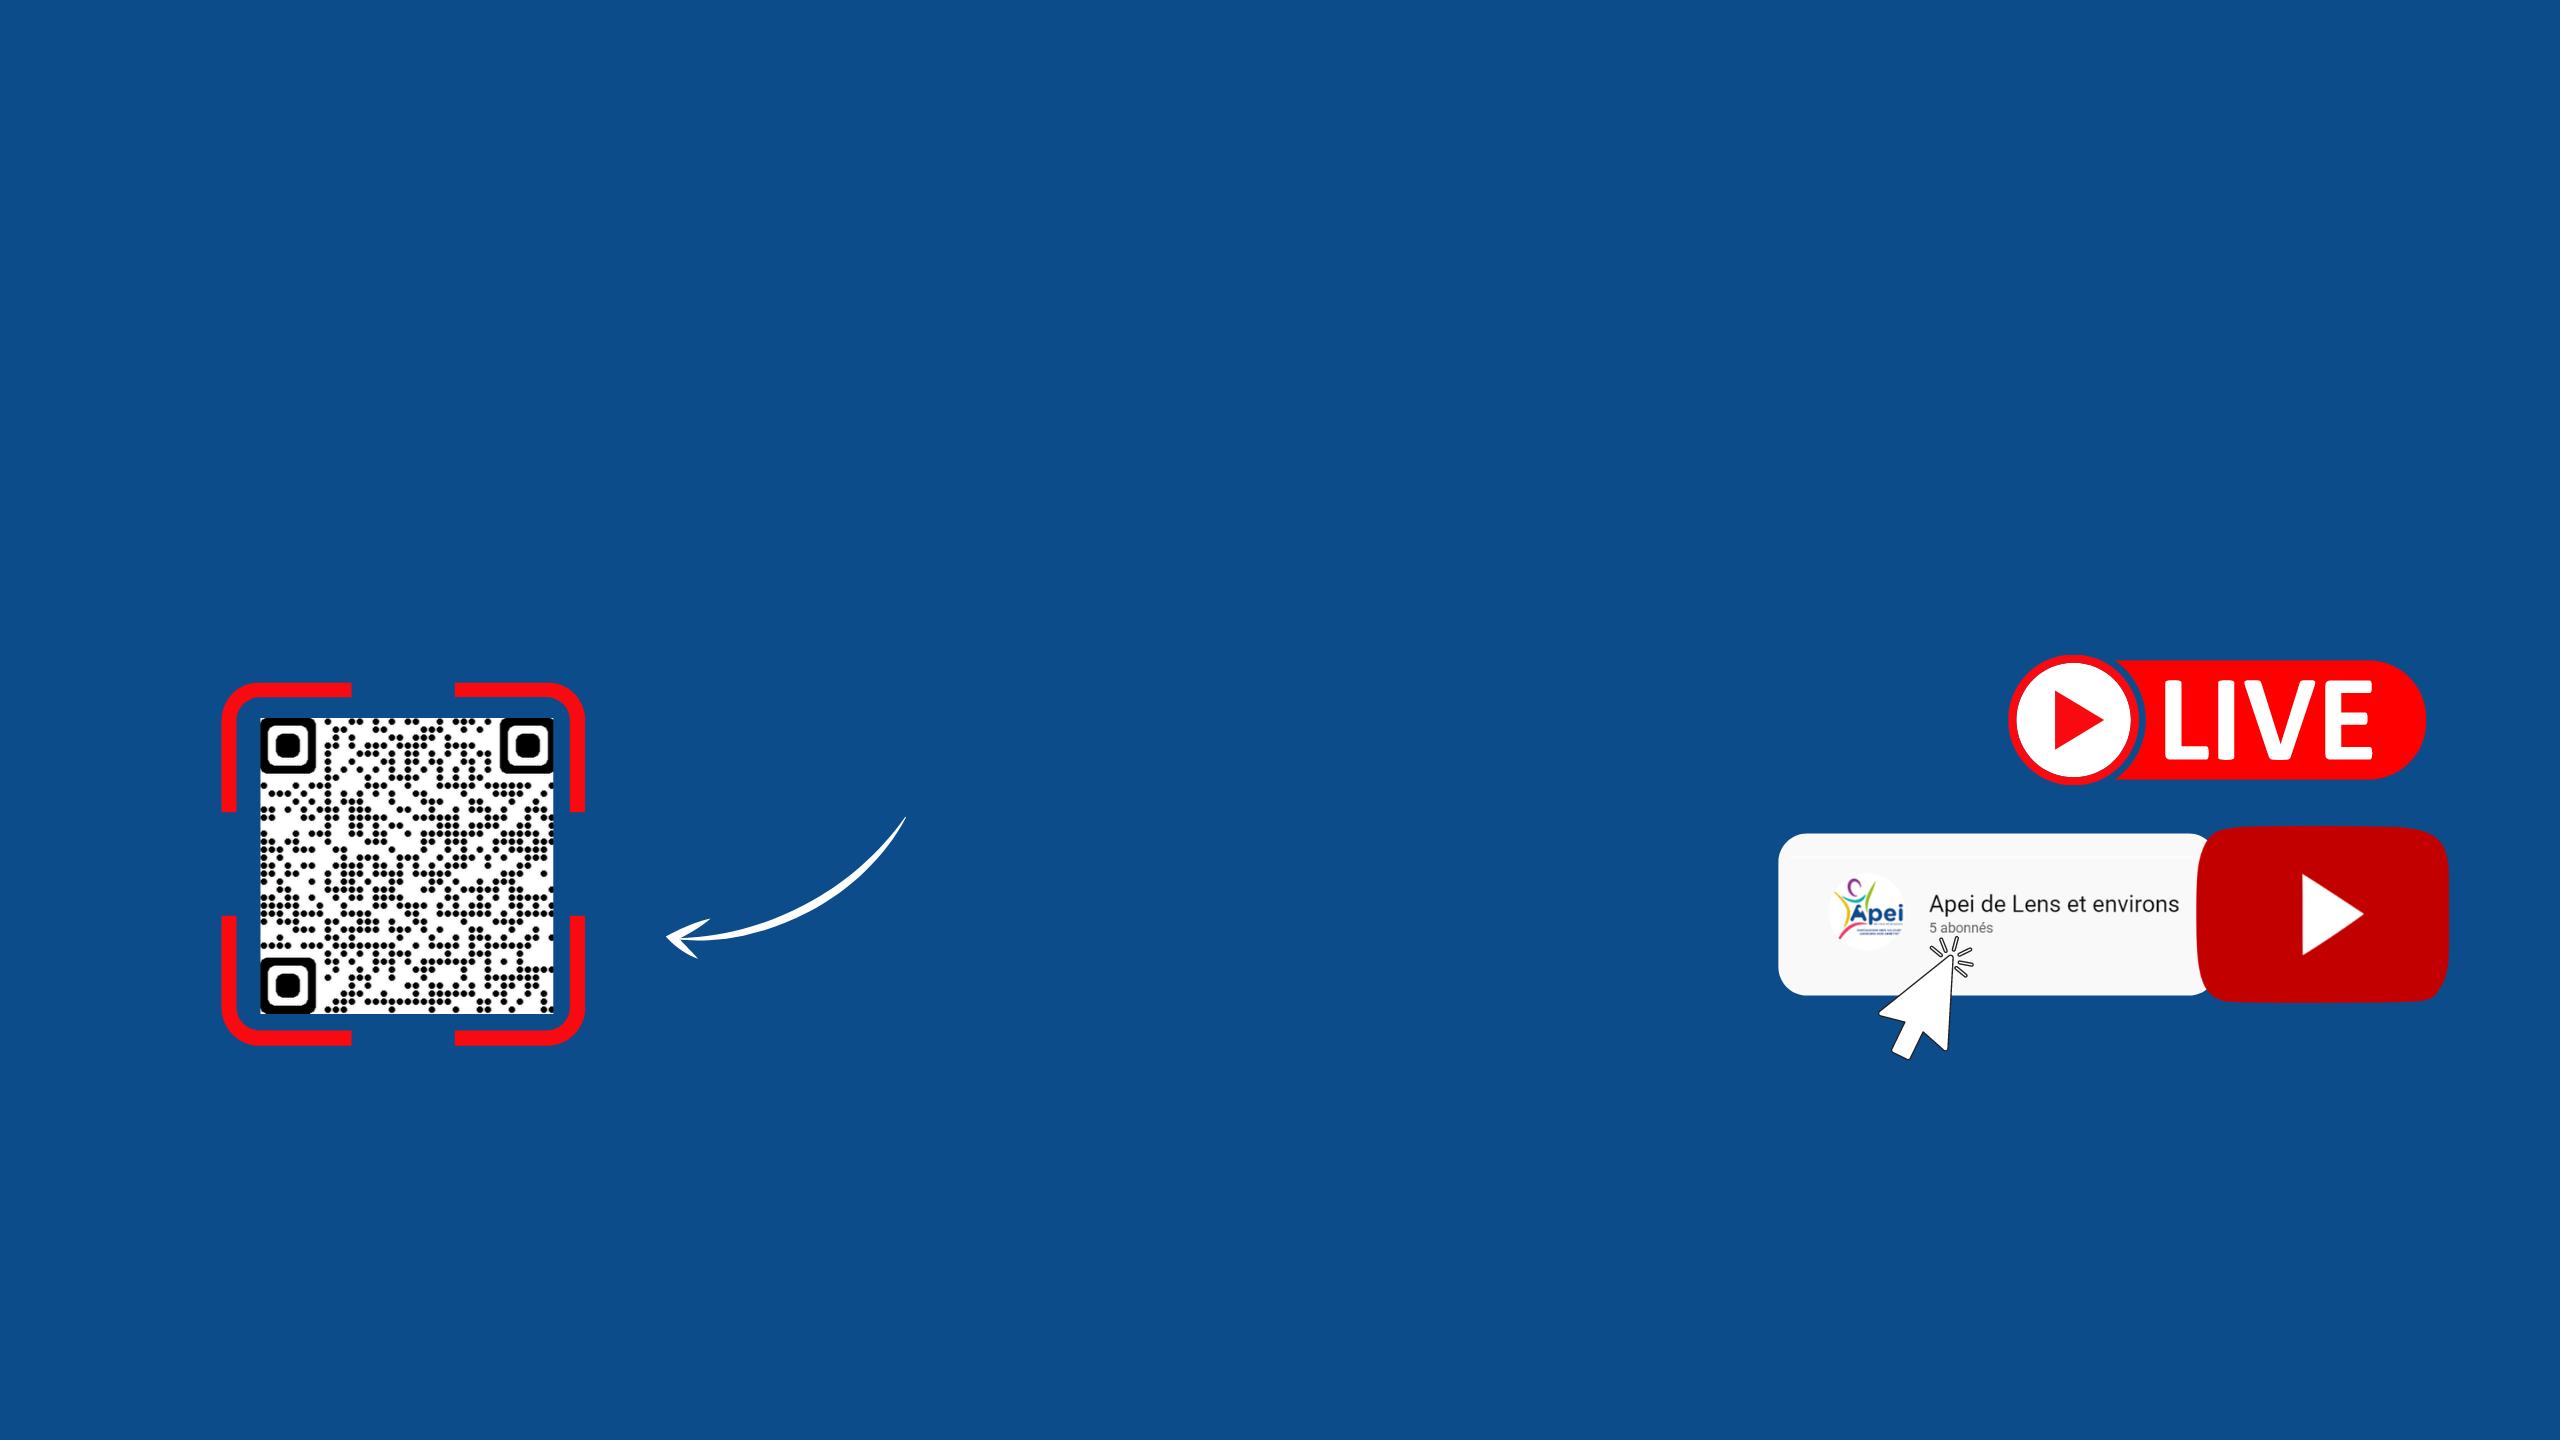 Image de fond pour la diapositive de l'en-tête de la page d'accueil